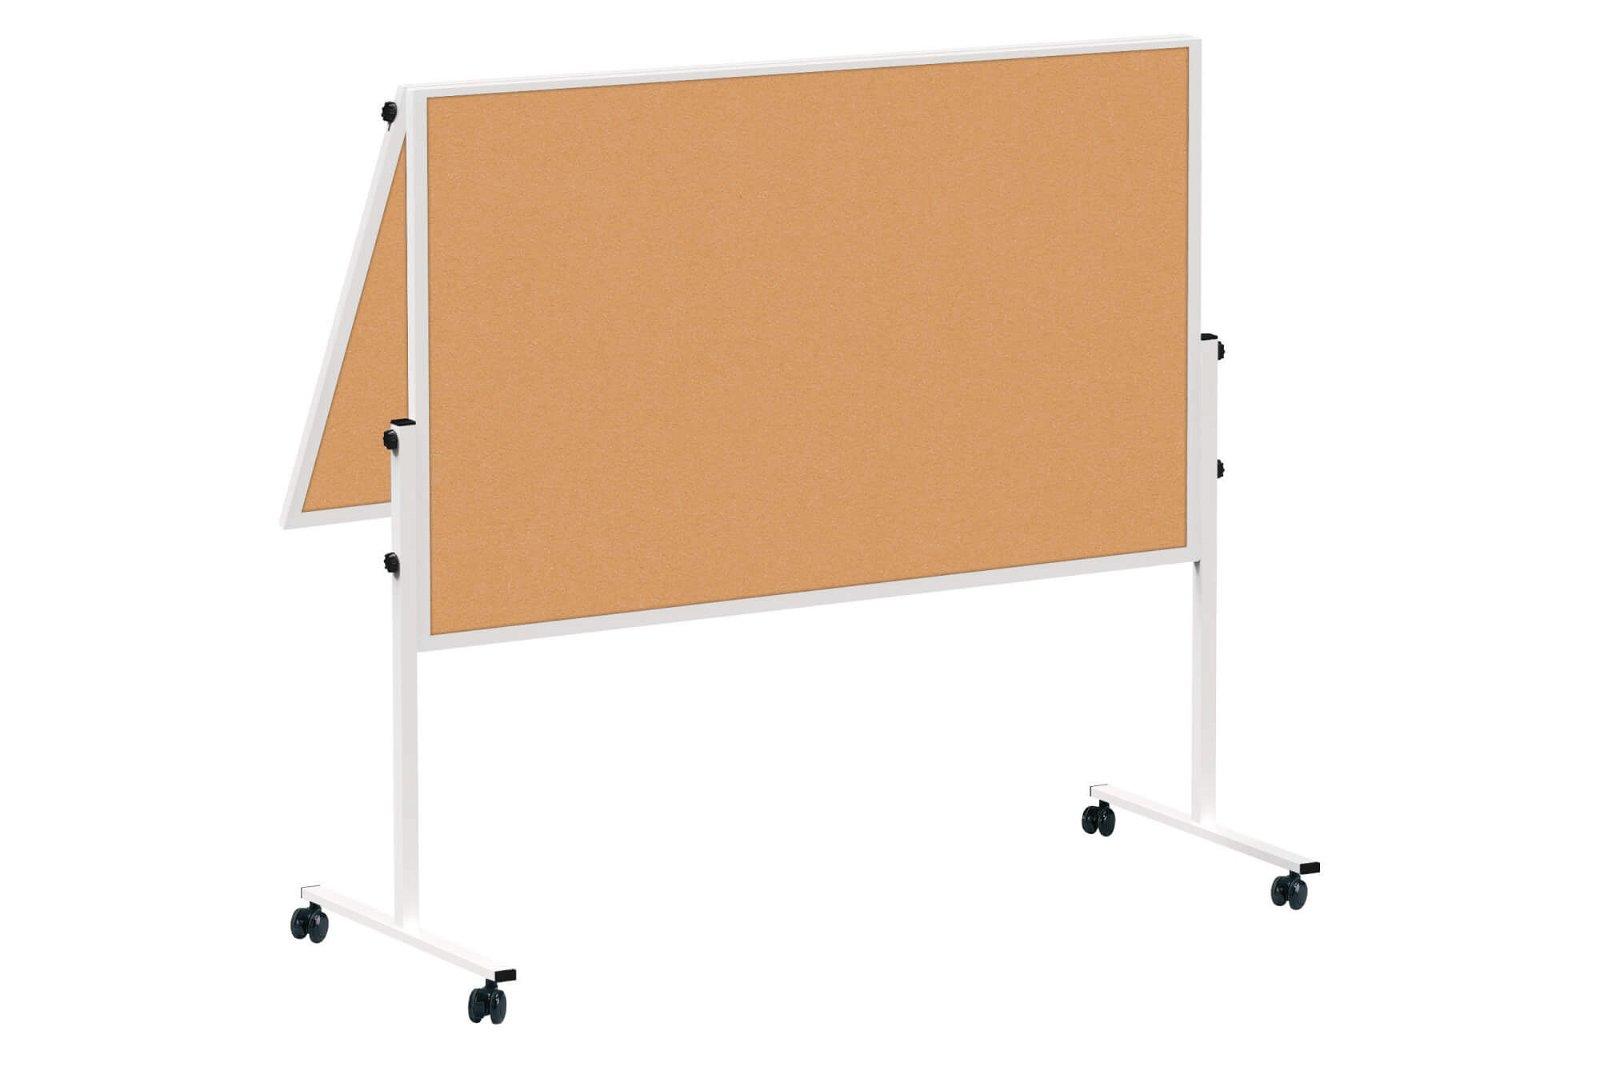 Moderationstafel MAULsolid klappb. Kork, 150x120 cm, grau